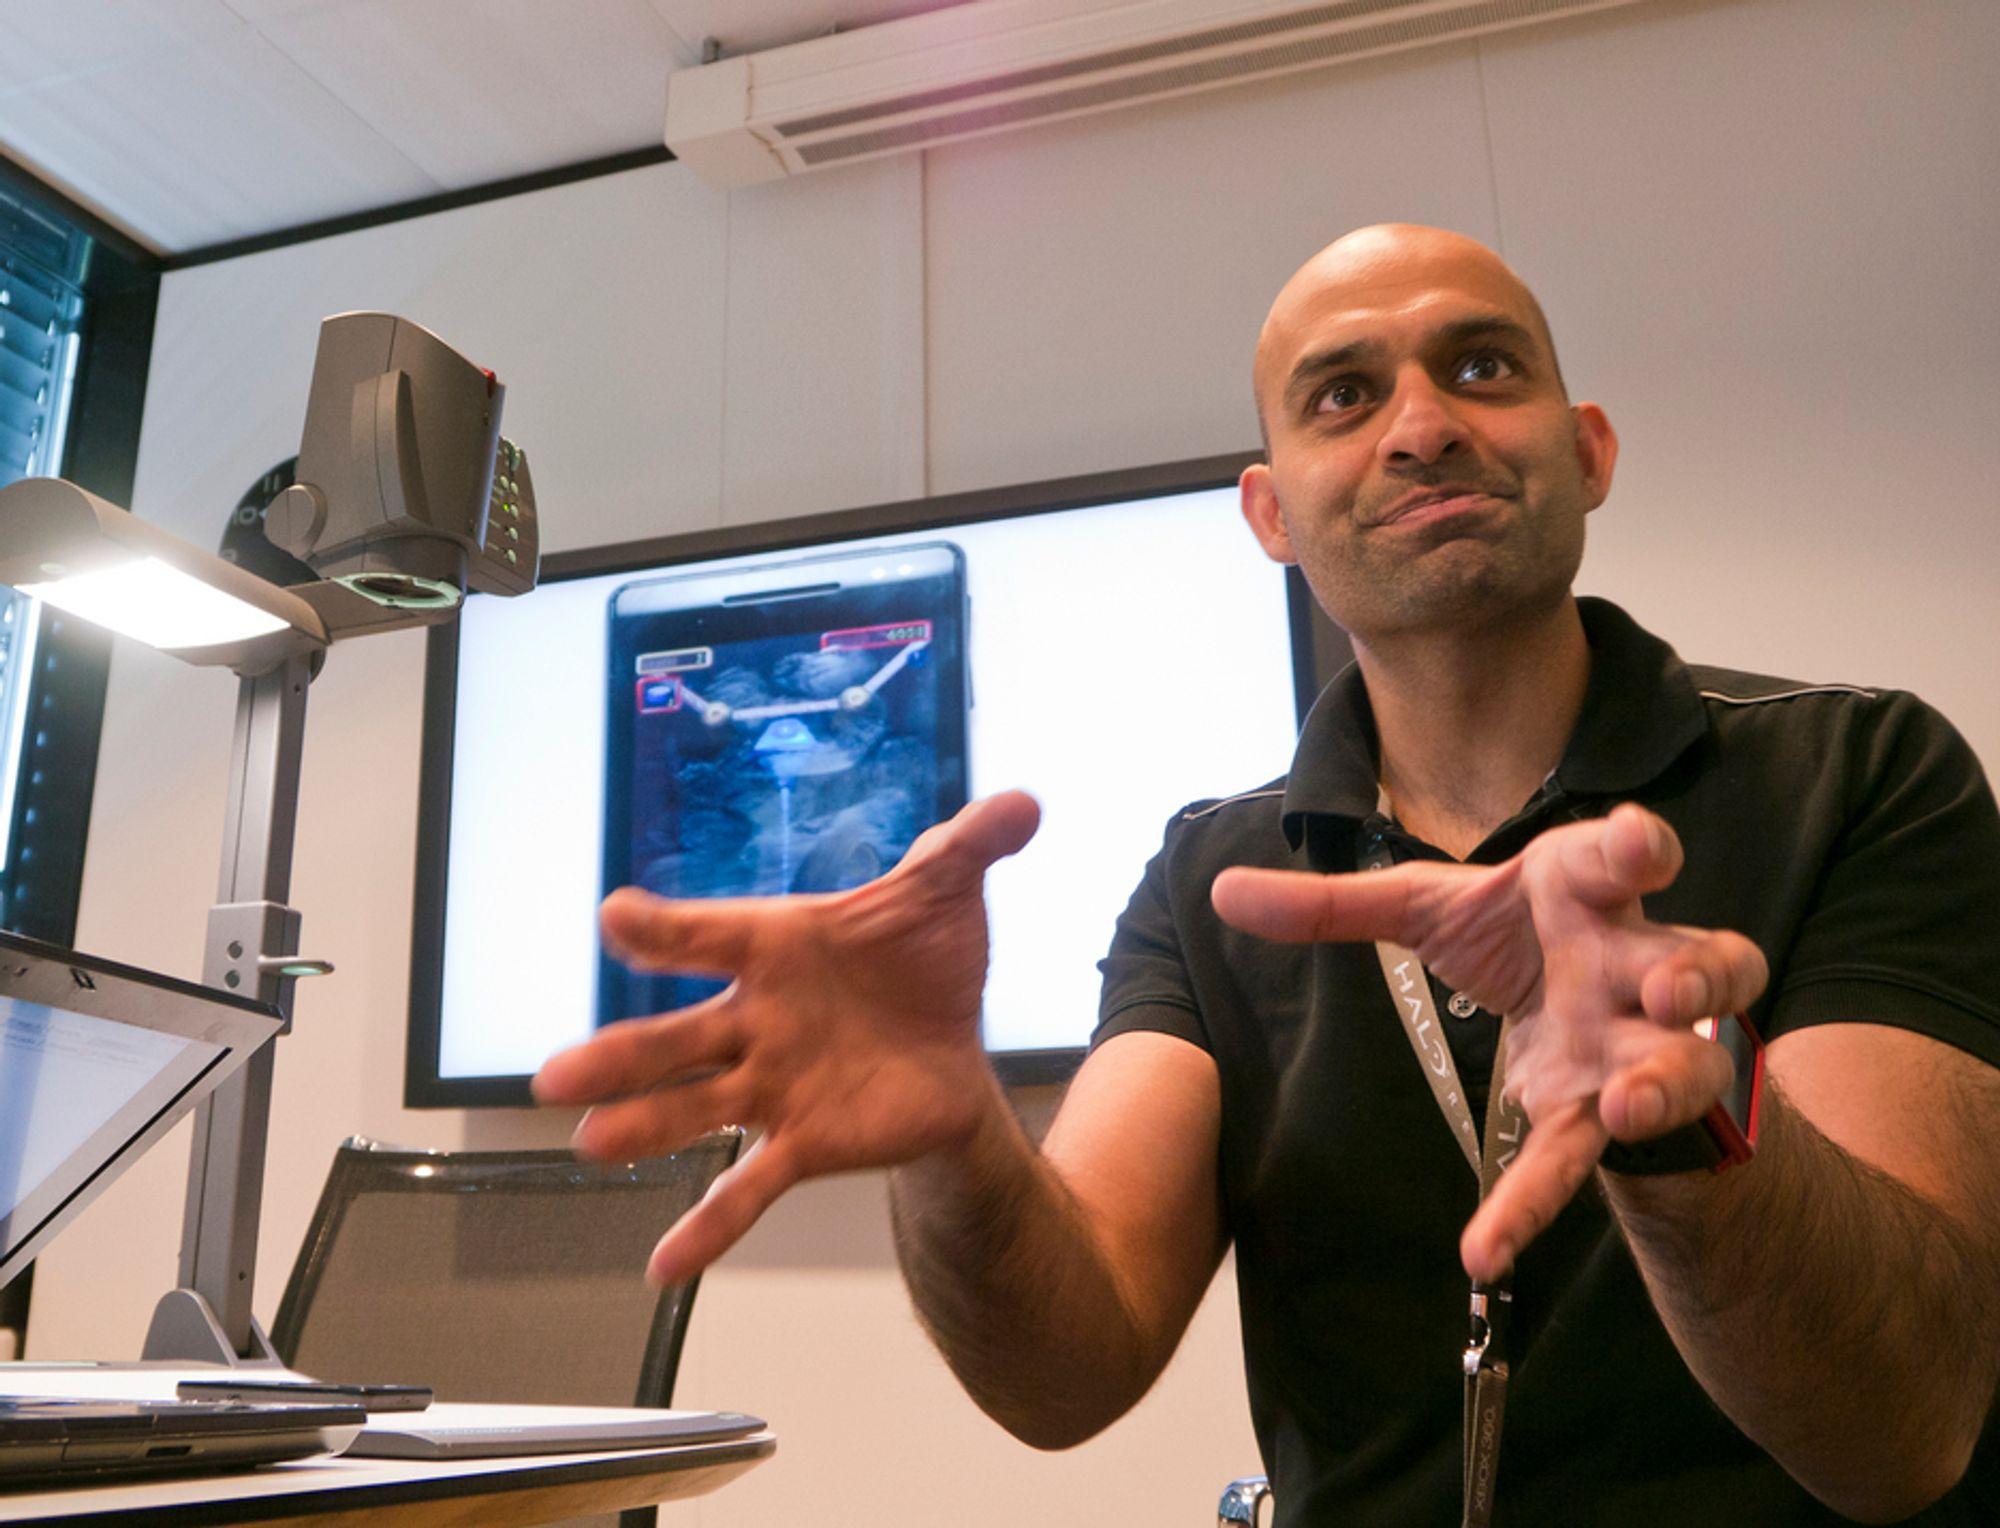 DET SPILLER: Løsningsspesialist i Microsoft Norge, Arif Shafique gleder seg over de nye spillmulighetene og X-Box-integrasjonen som nå kommer til Norge.